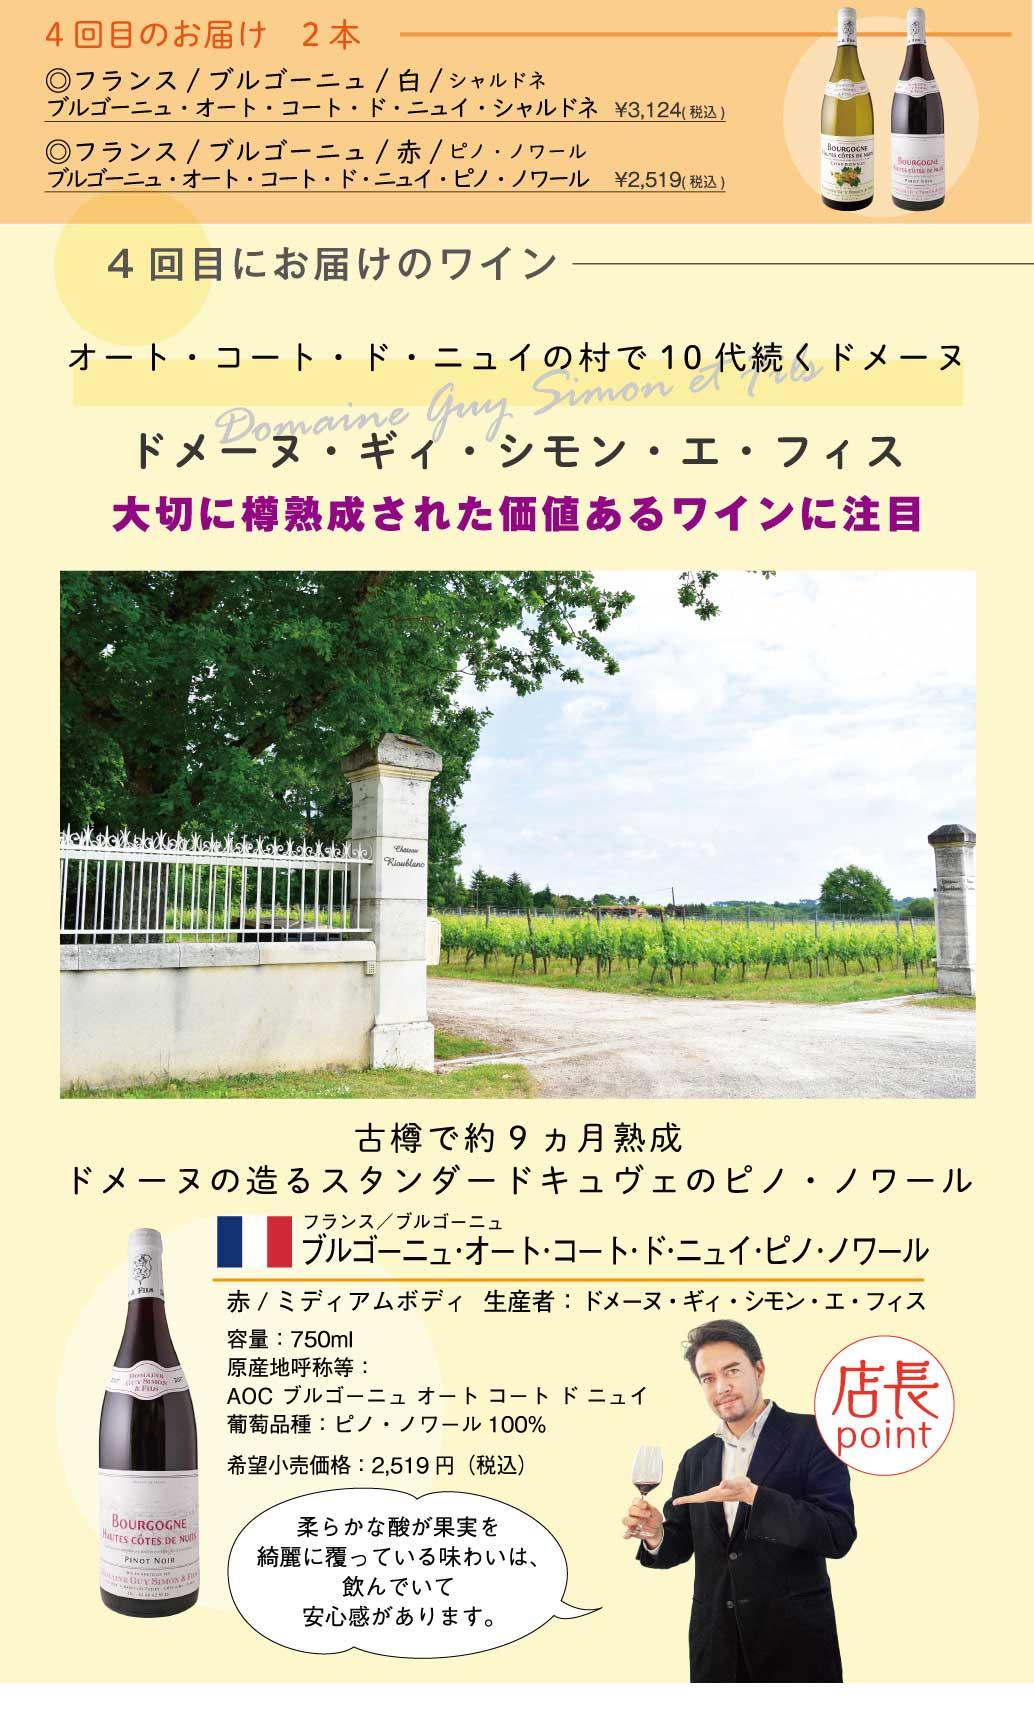 ワイン頒布会 フランス3大銘醸地コース